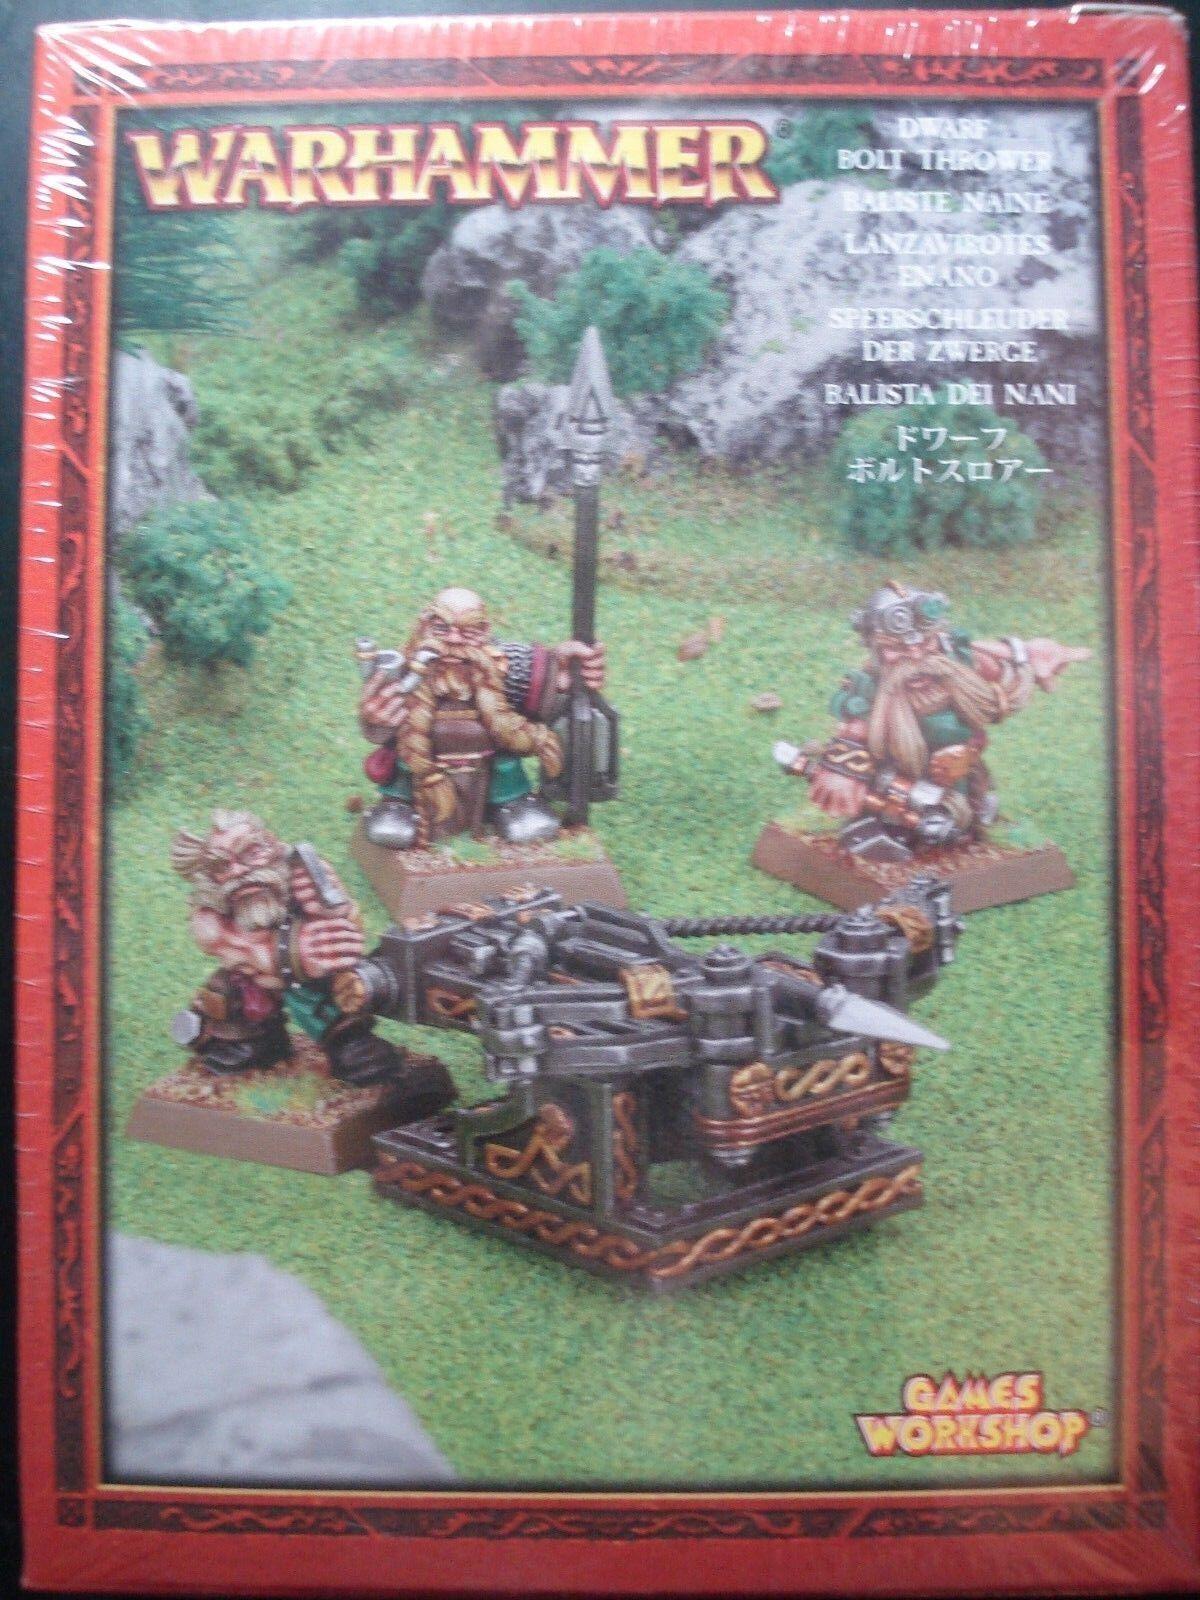 Warhammer AoS Age of Sigmar Dwarf Bolt Thrower Metal New Sealed OOP NIB